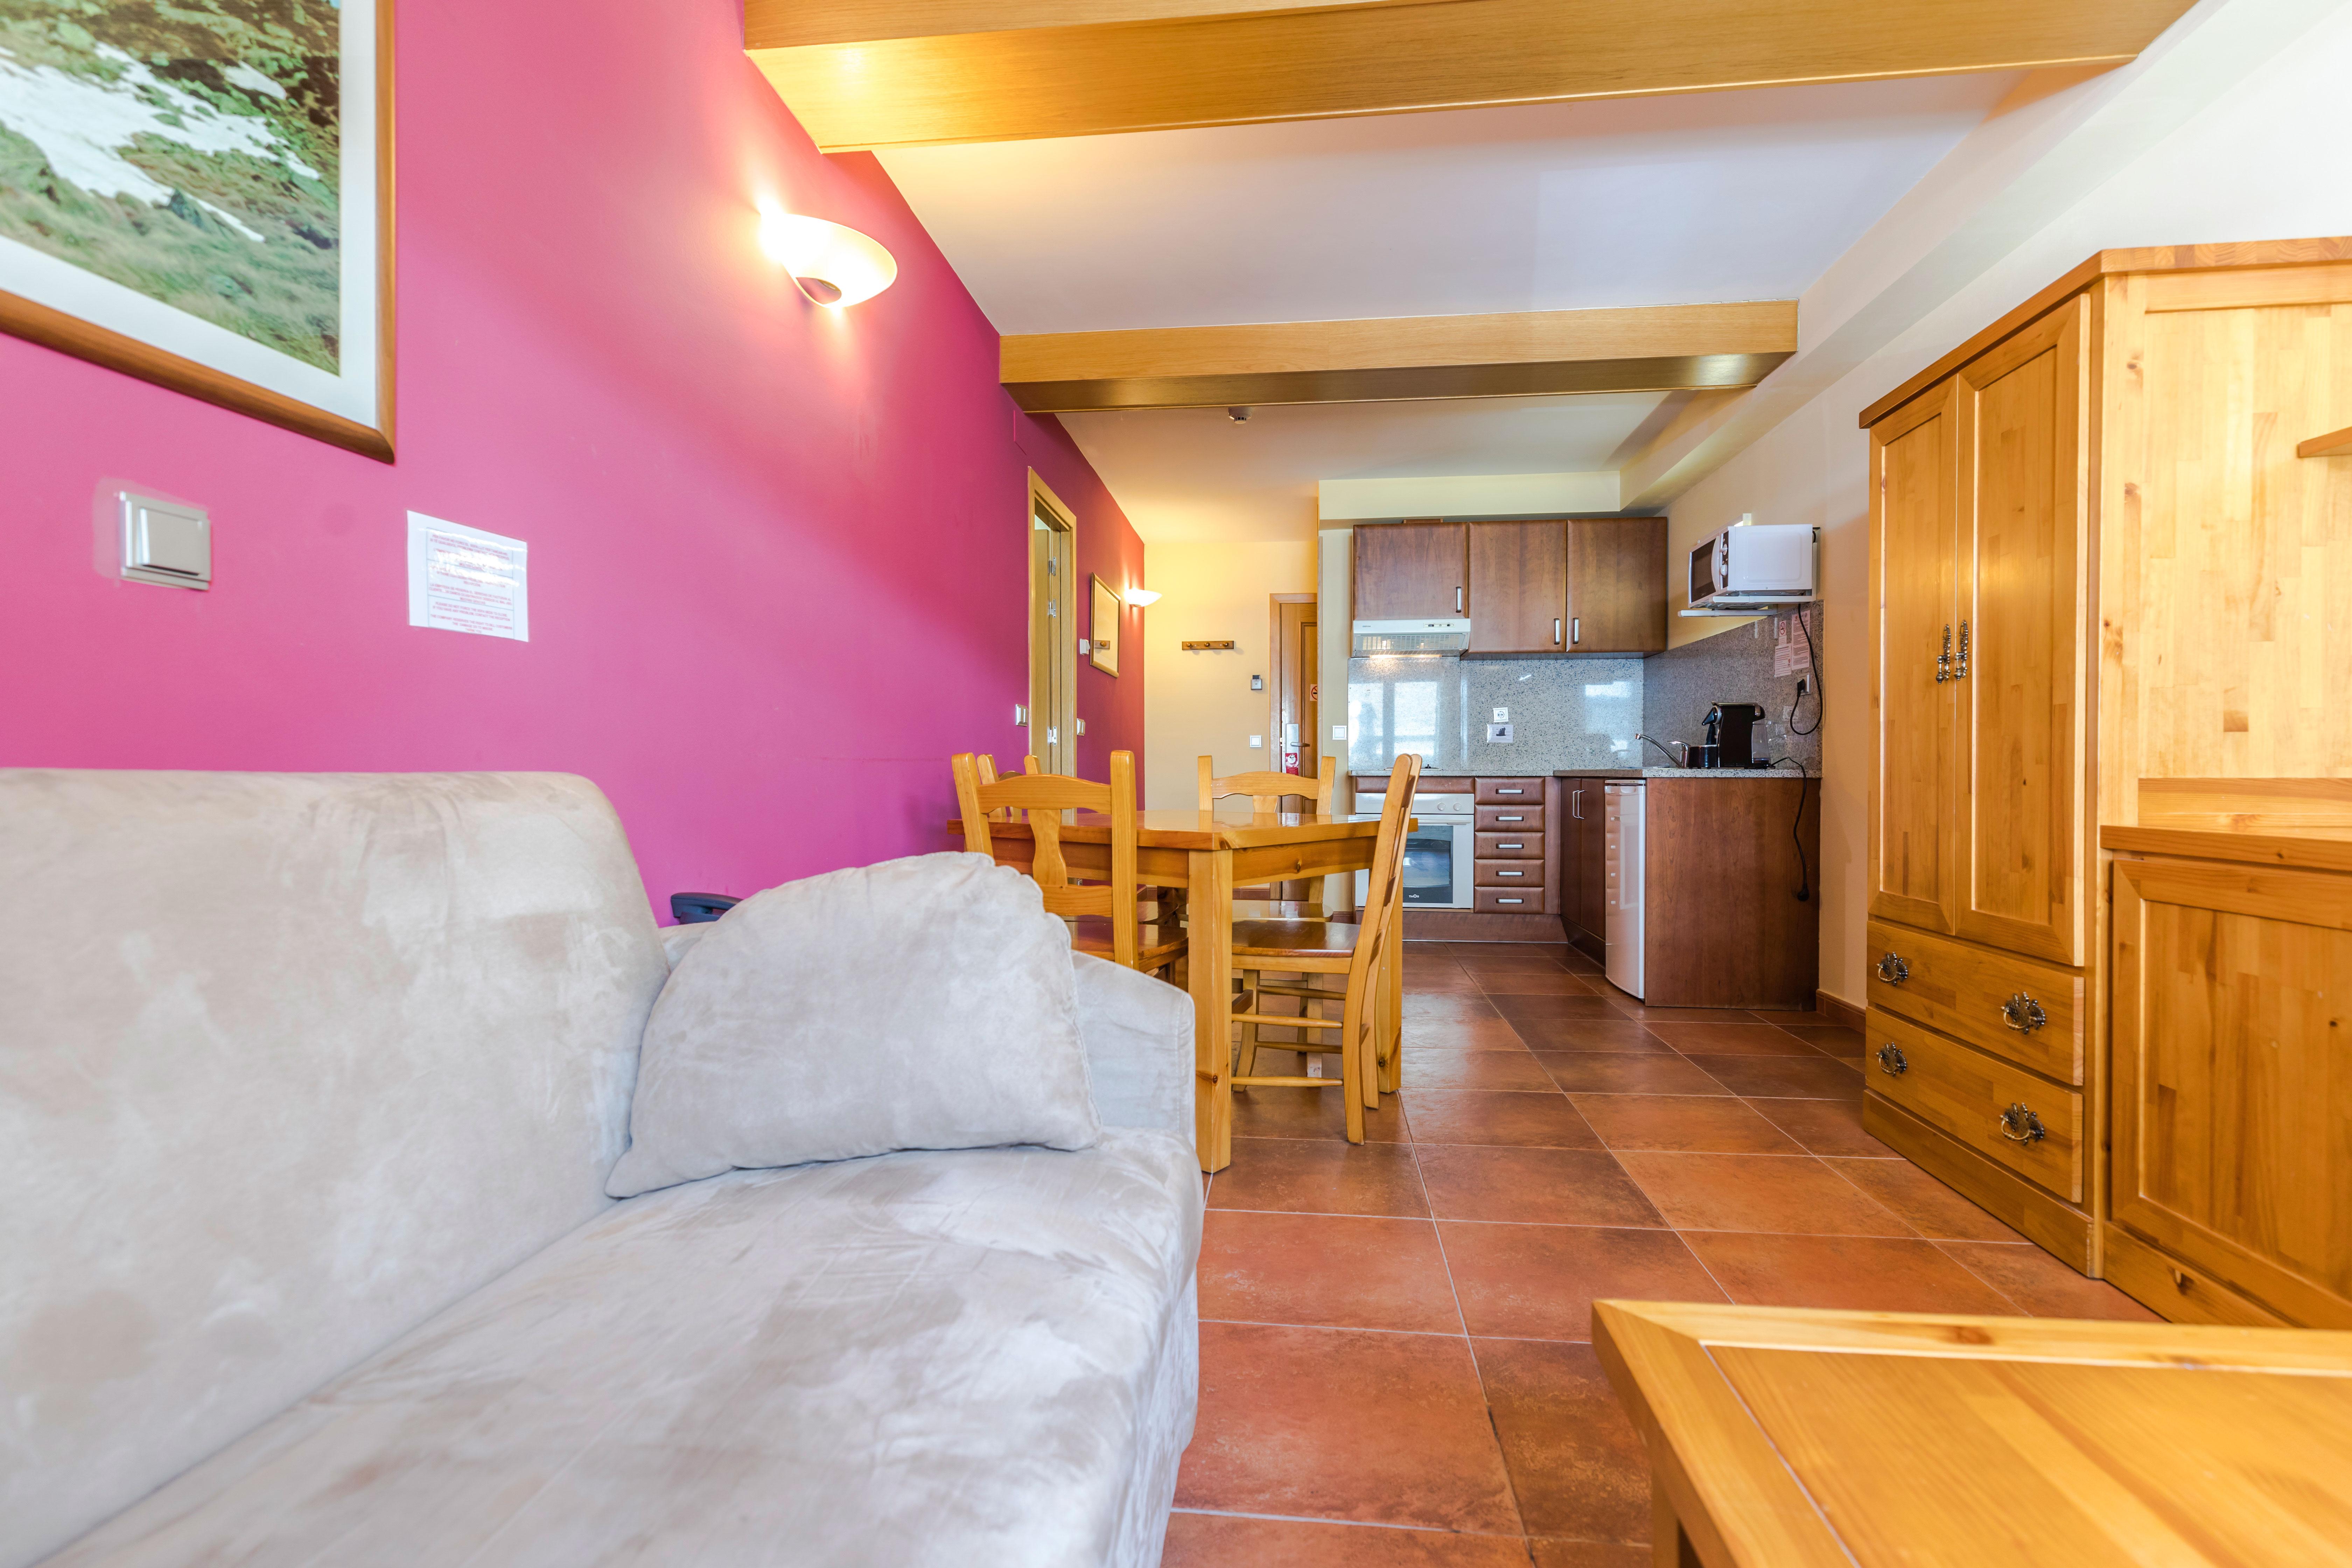 apartamento_tipoa_4pax_santmoritz_arinsal_andorra-12.jpg